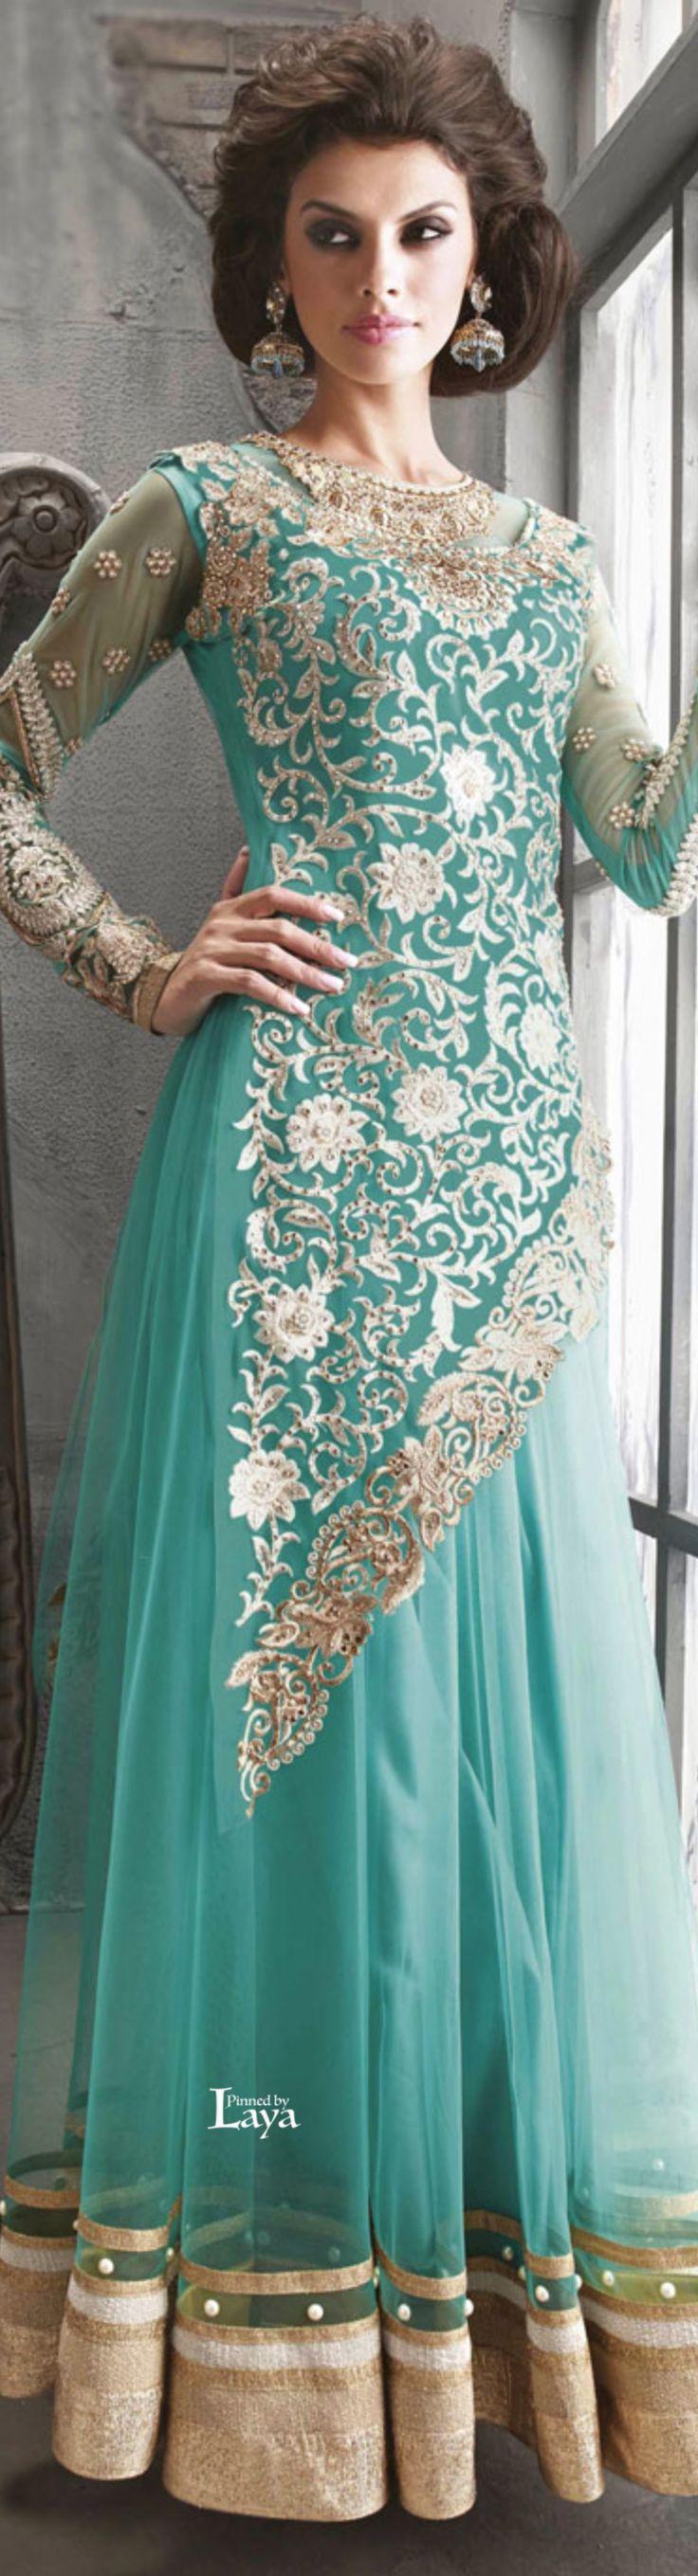 581 best Av✏ASIAN // TRADITIONAL DRESSES ☔ images on Pinterest ...